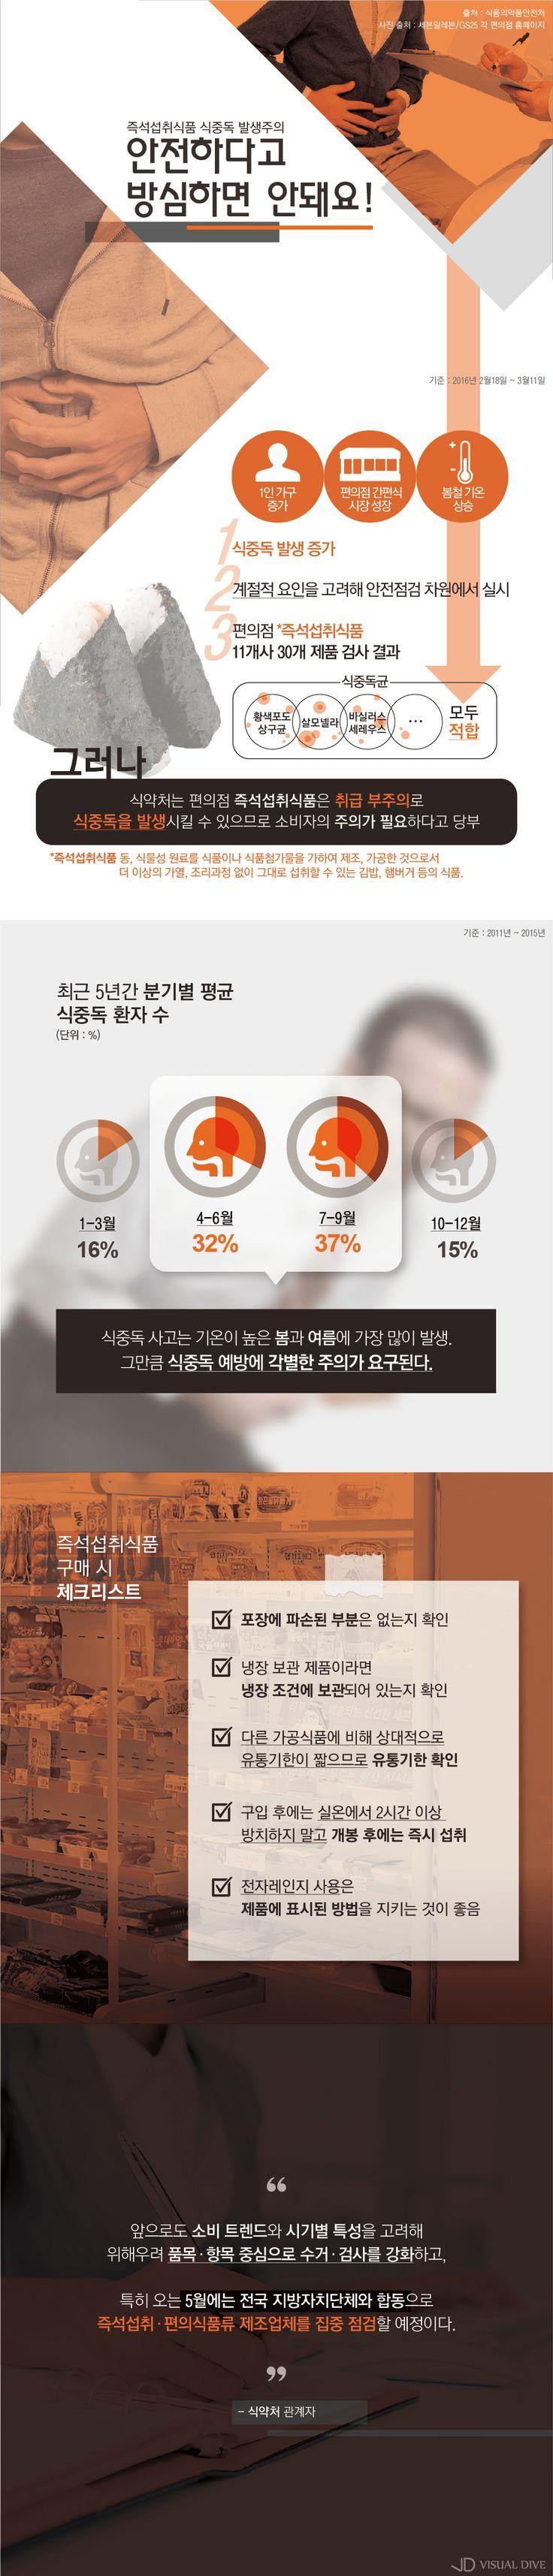 편의점 즉석섭취식품…정말 안전할까? [인포그래픽] #instant / #Infographic ⓒ 비주얼다이브 무단 복사·전재·재배포 금지